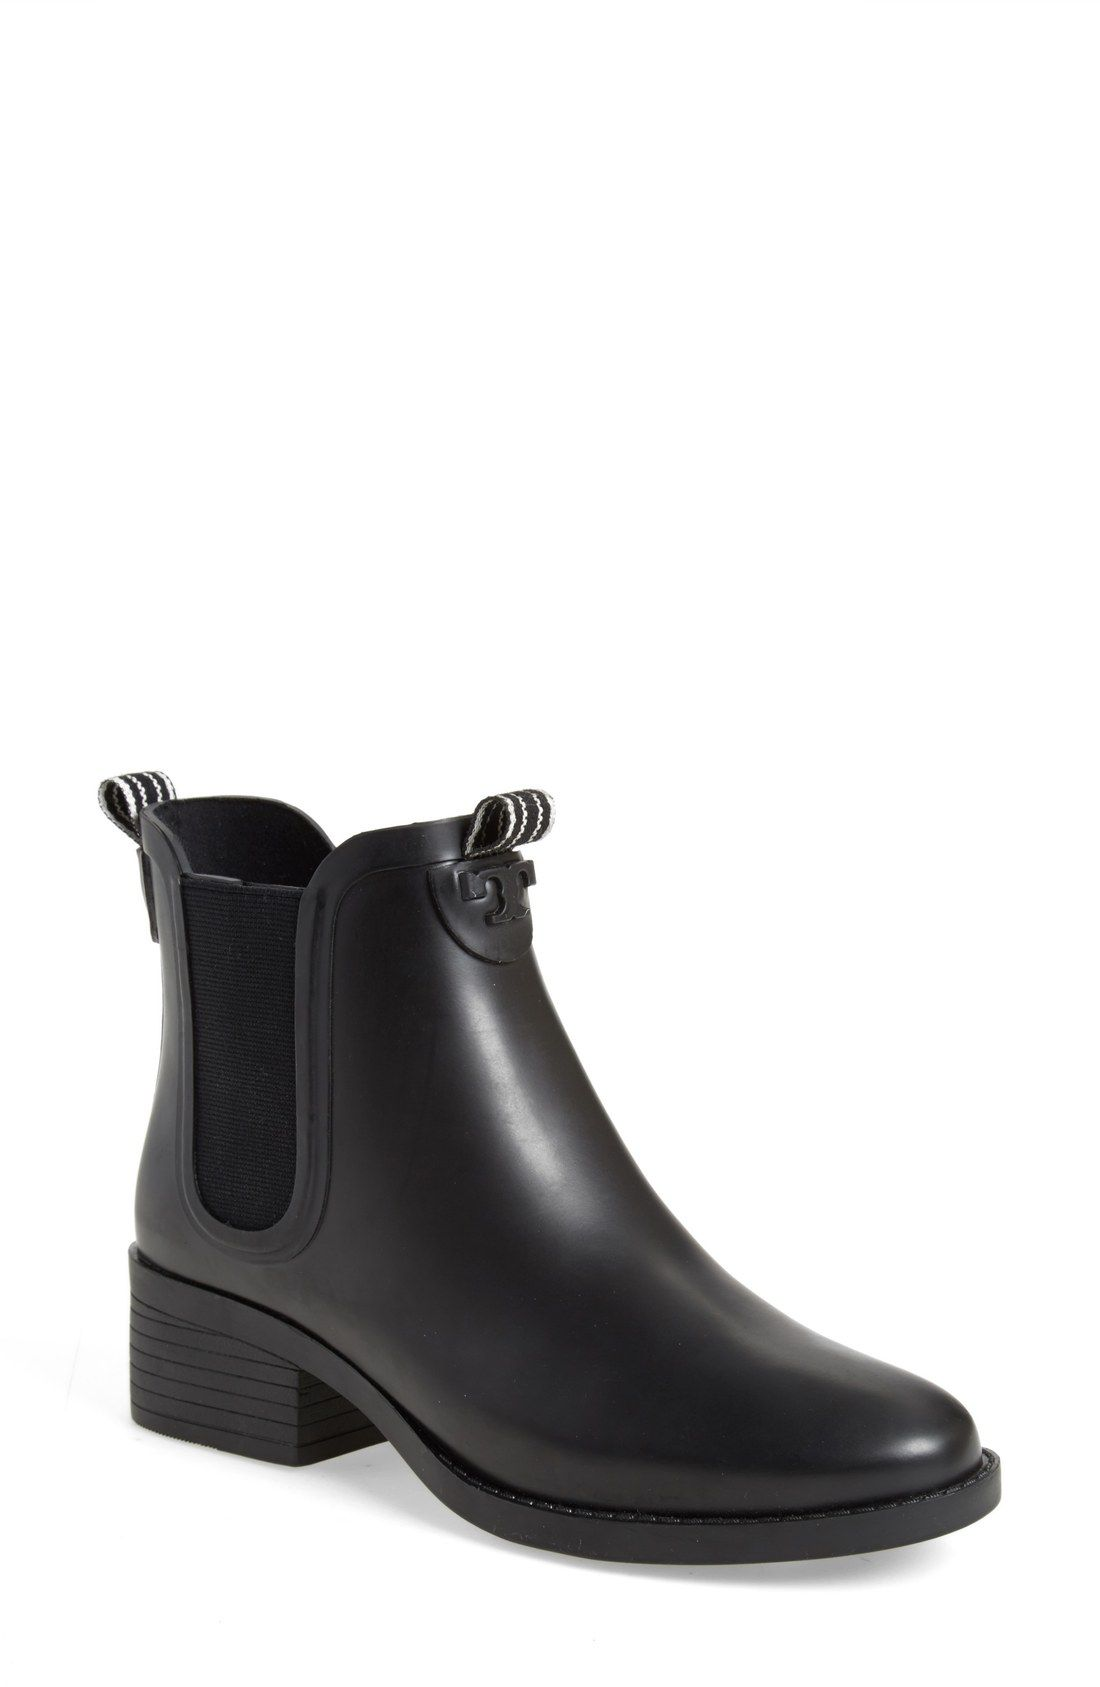 715f69a0f140 Tory Burch Chelsea Rain Boot